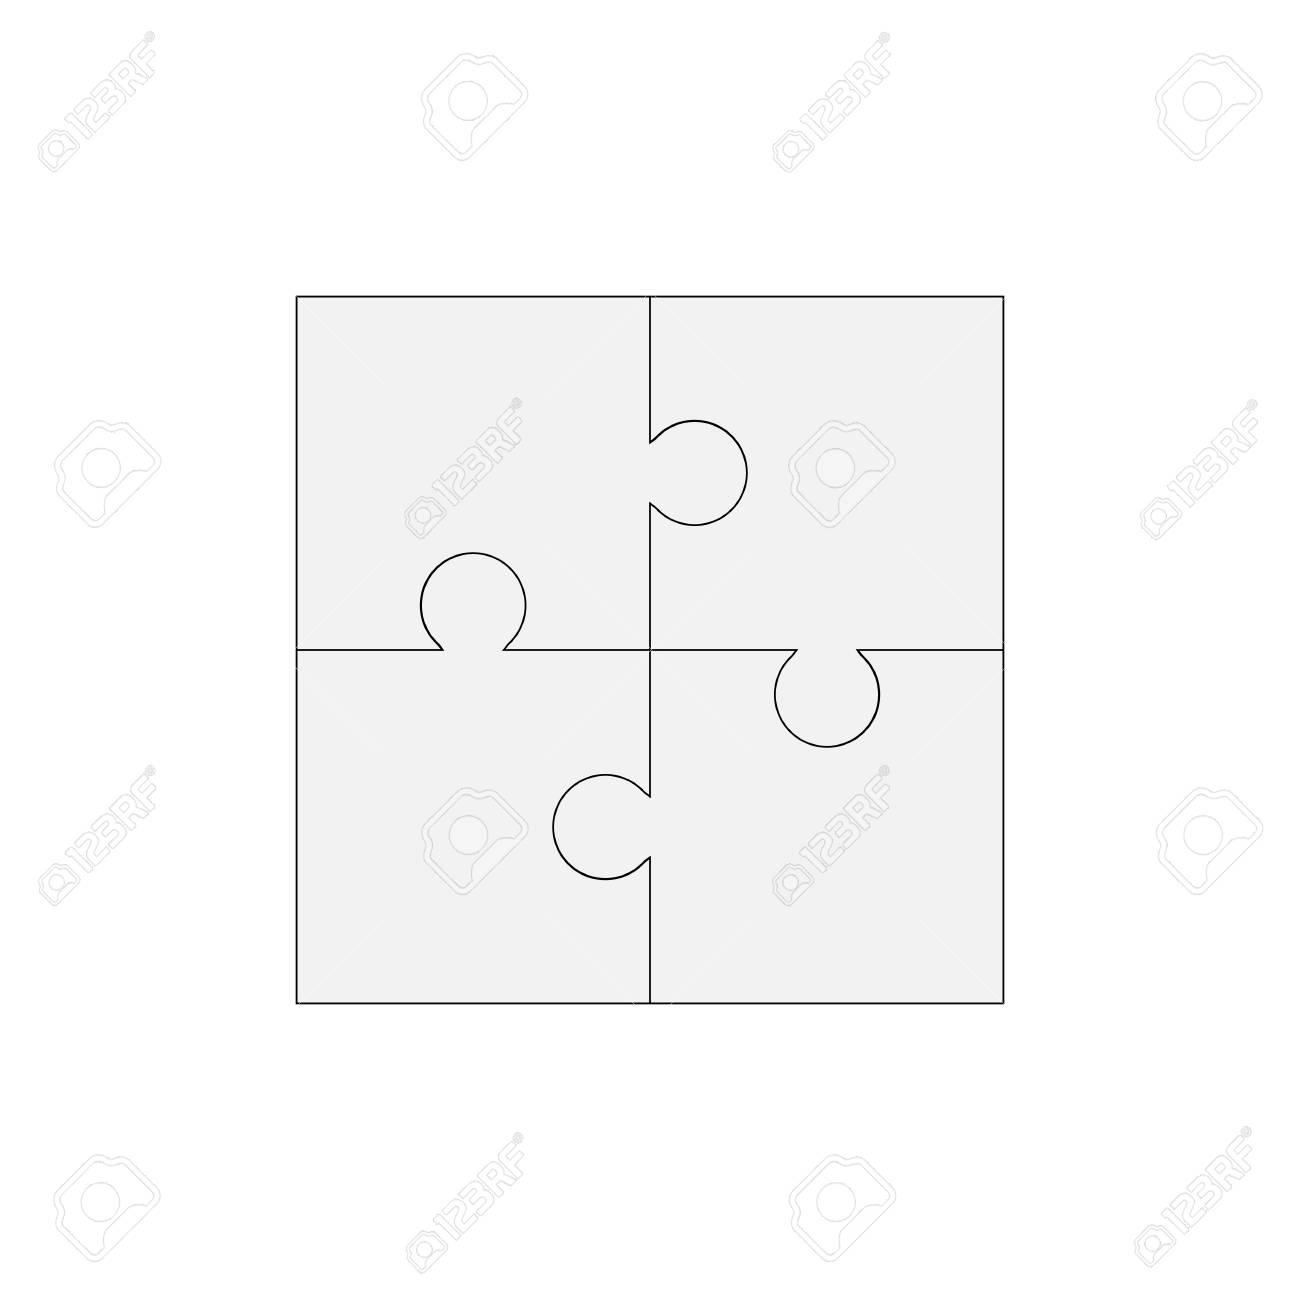 Puzzle Leer Vektor 200x200, Vier Stücke Lizenzfrei Nutzbare ...